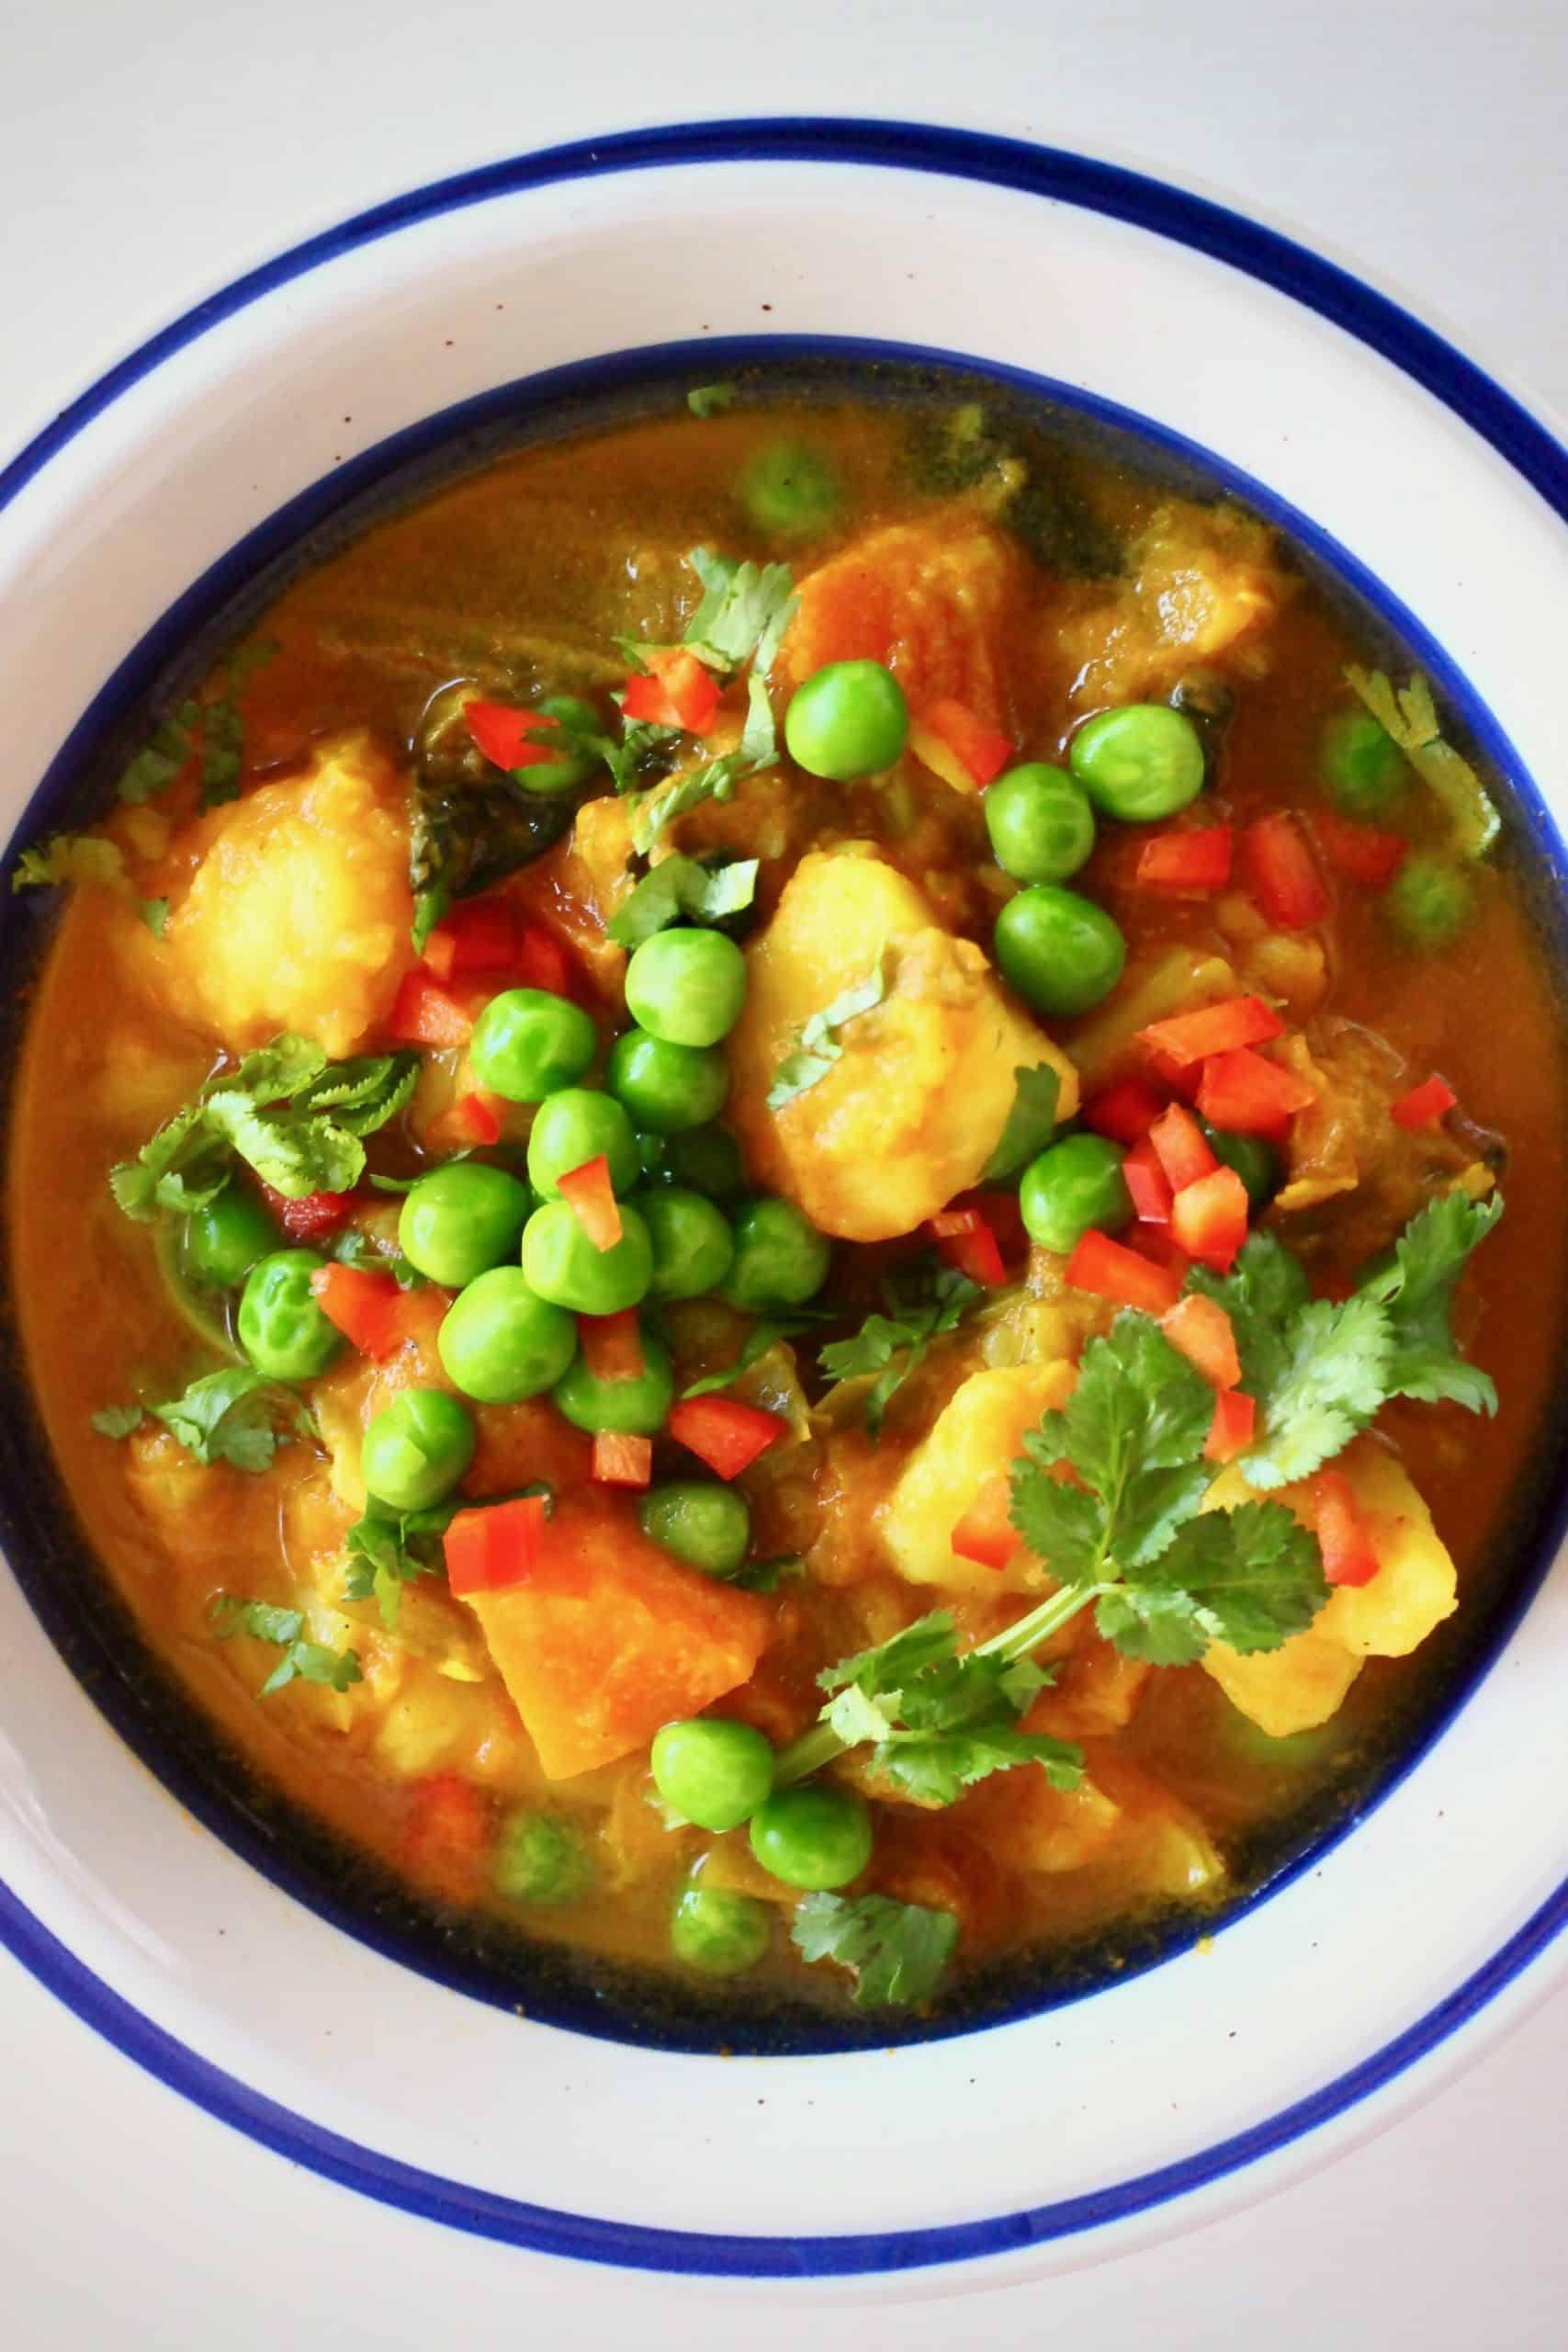 Potato pea curry in a white bowl